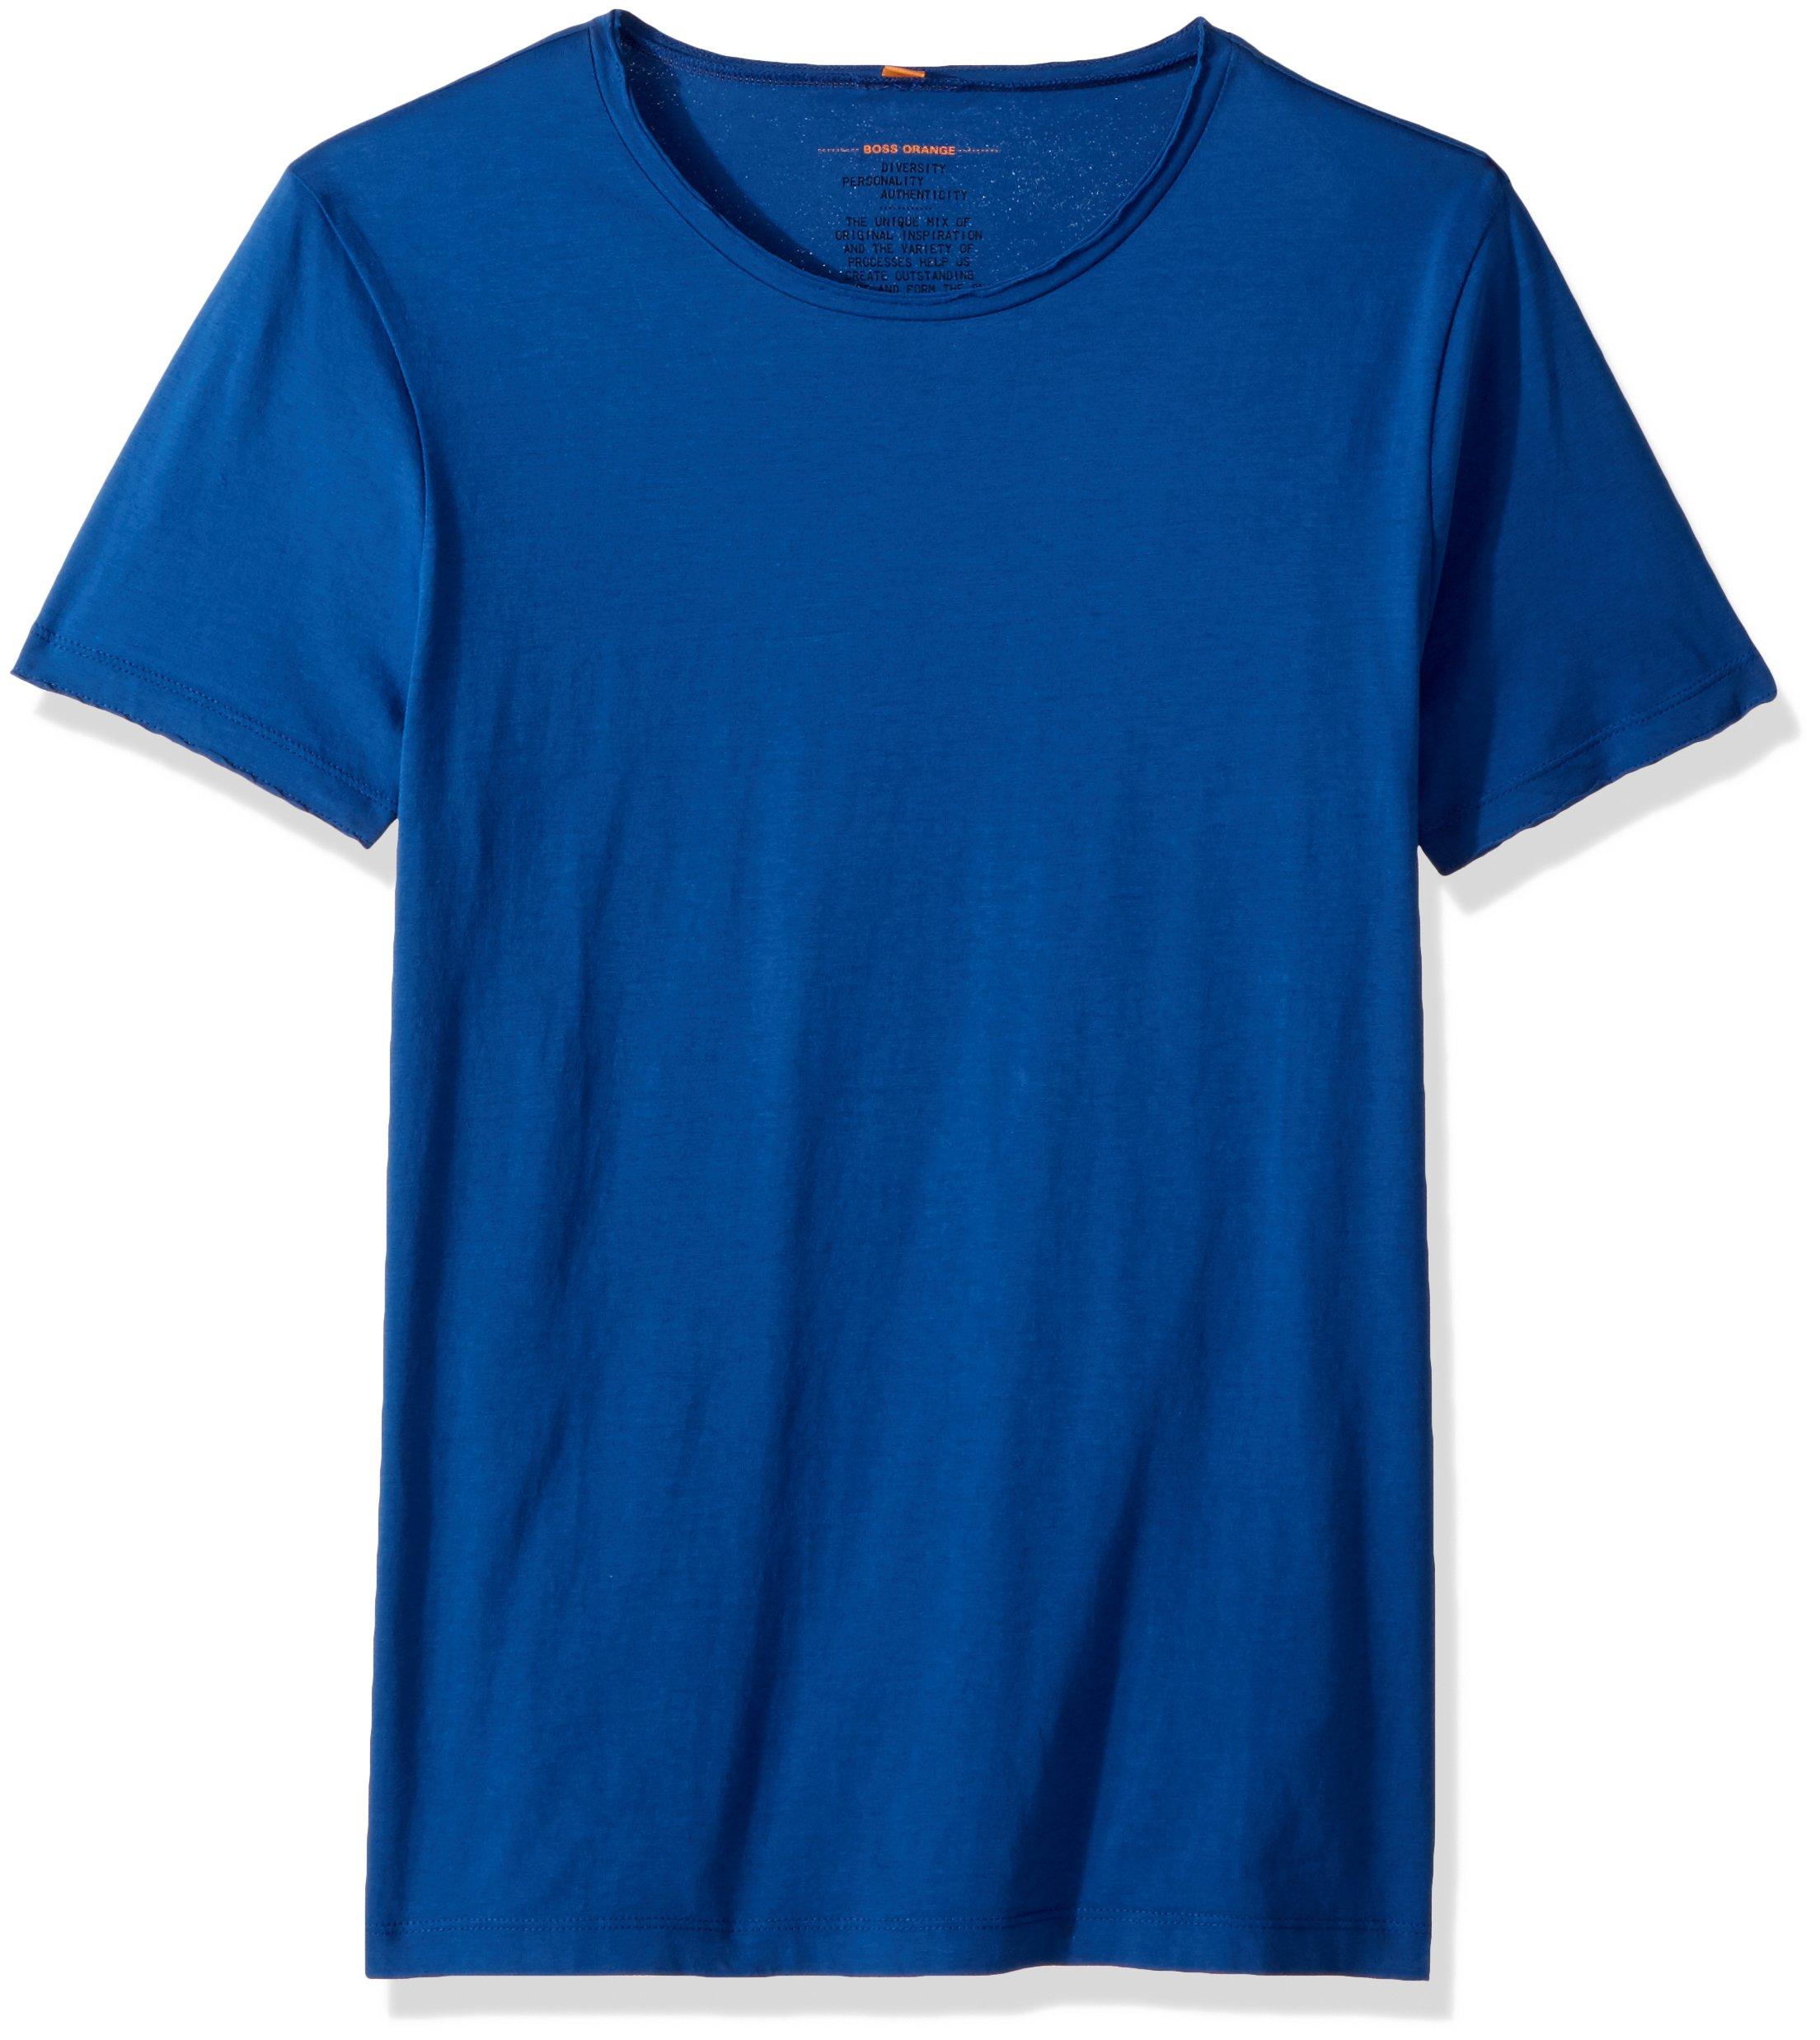 BOSS Orange Men's Tooles Crew Neck T-Shirt, Medium Blue, Medium